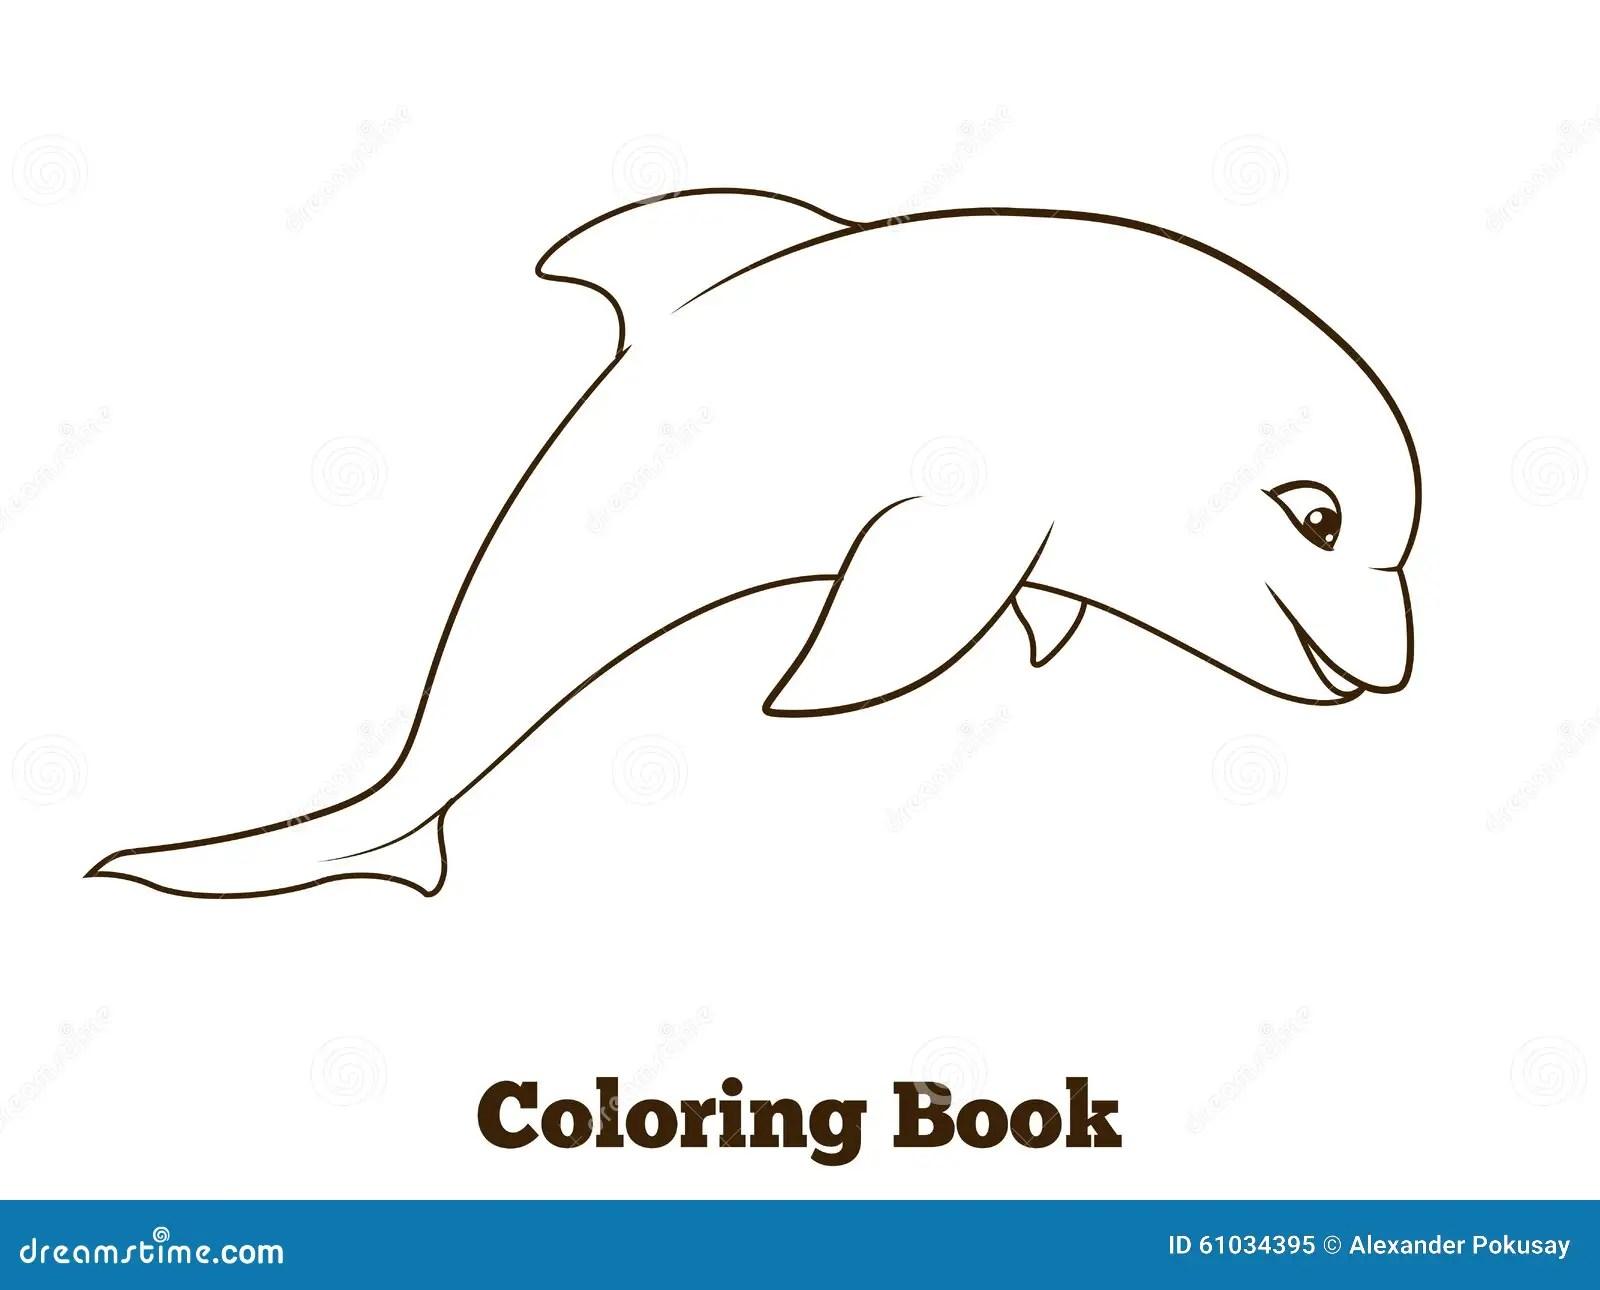 Coloring Book Dolphin Cartoon Educational Stock Vector